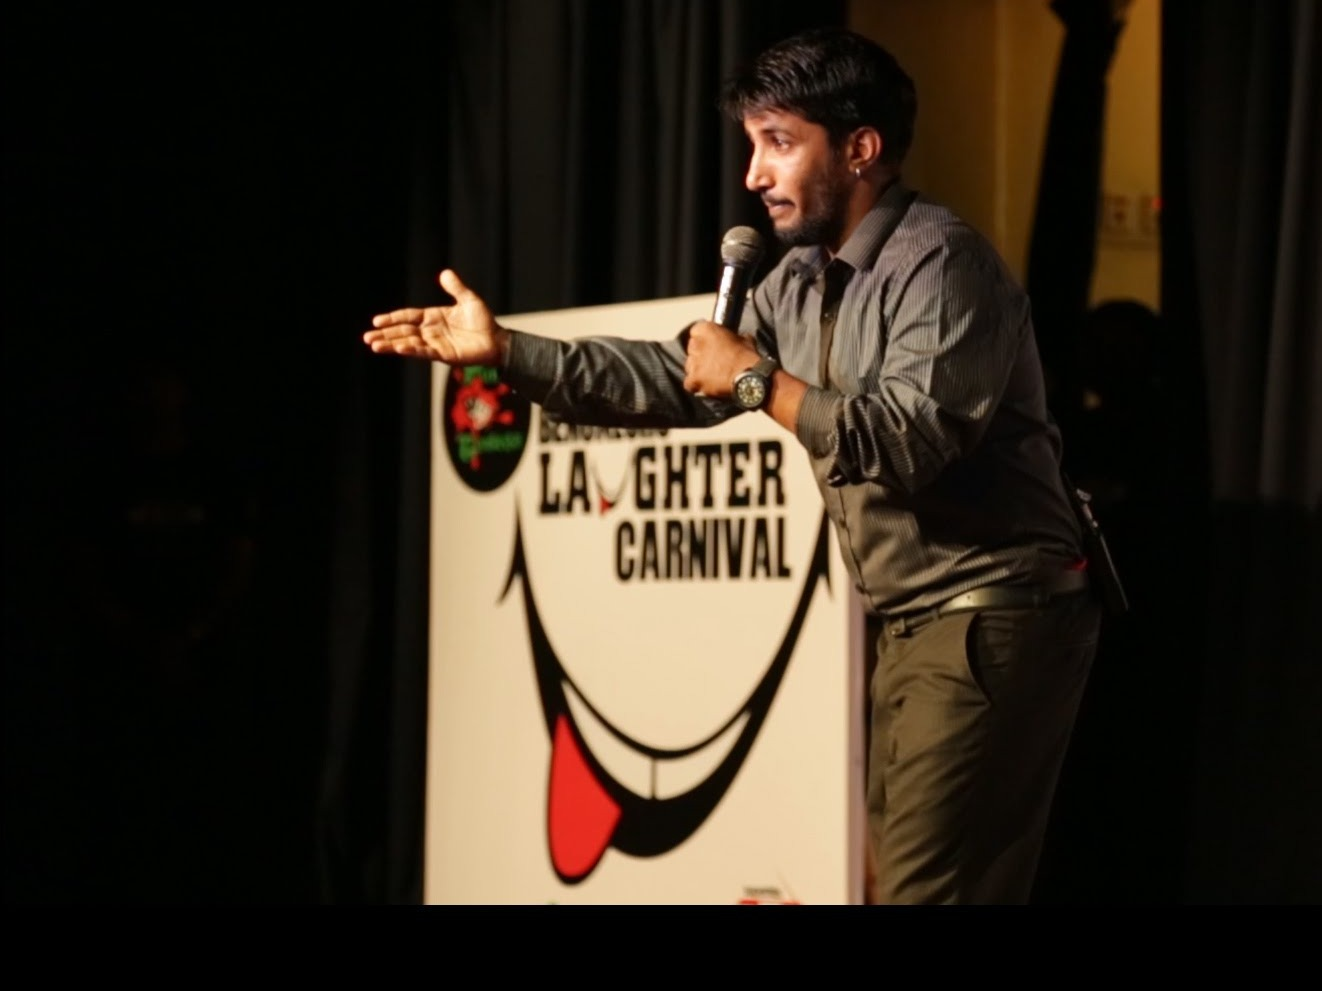 Shunky Chugani, dance, entertainment, comedy, india